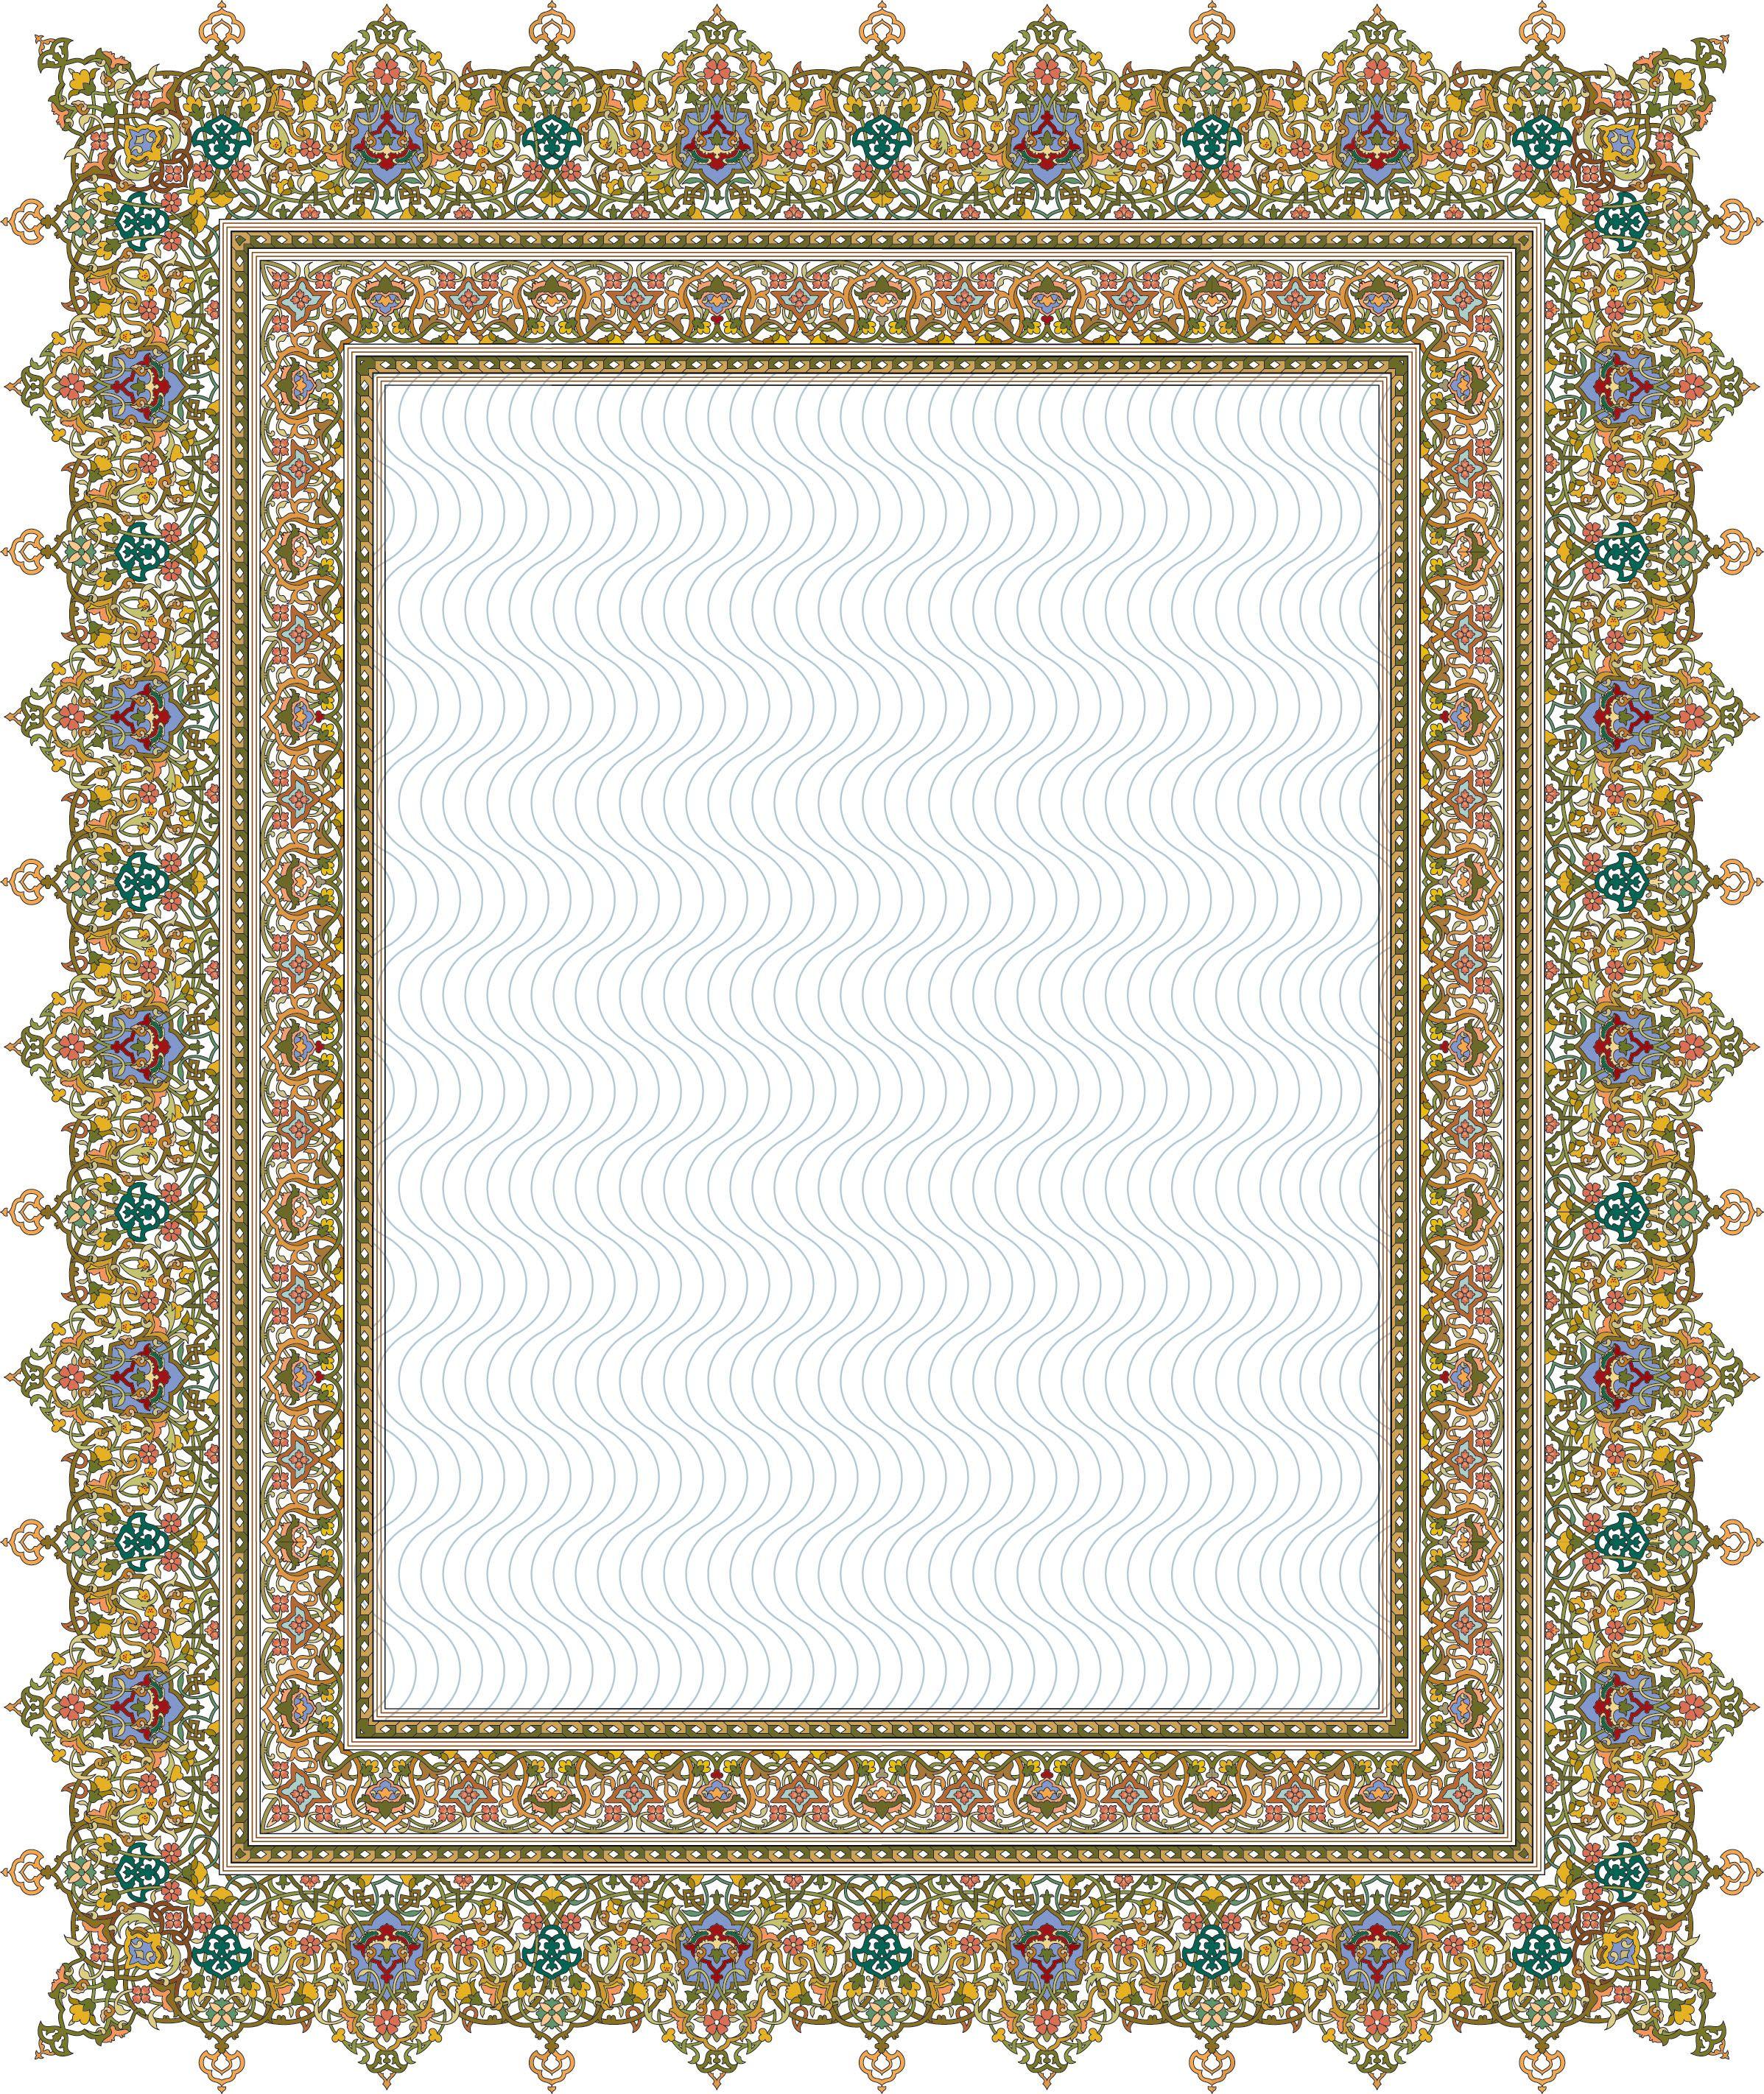 84Floral Pattern (Khatai) Ornamen, Desain, Bingkai